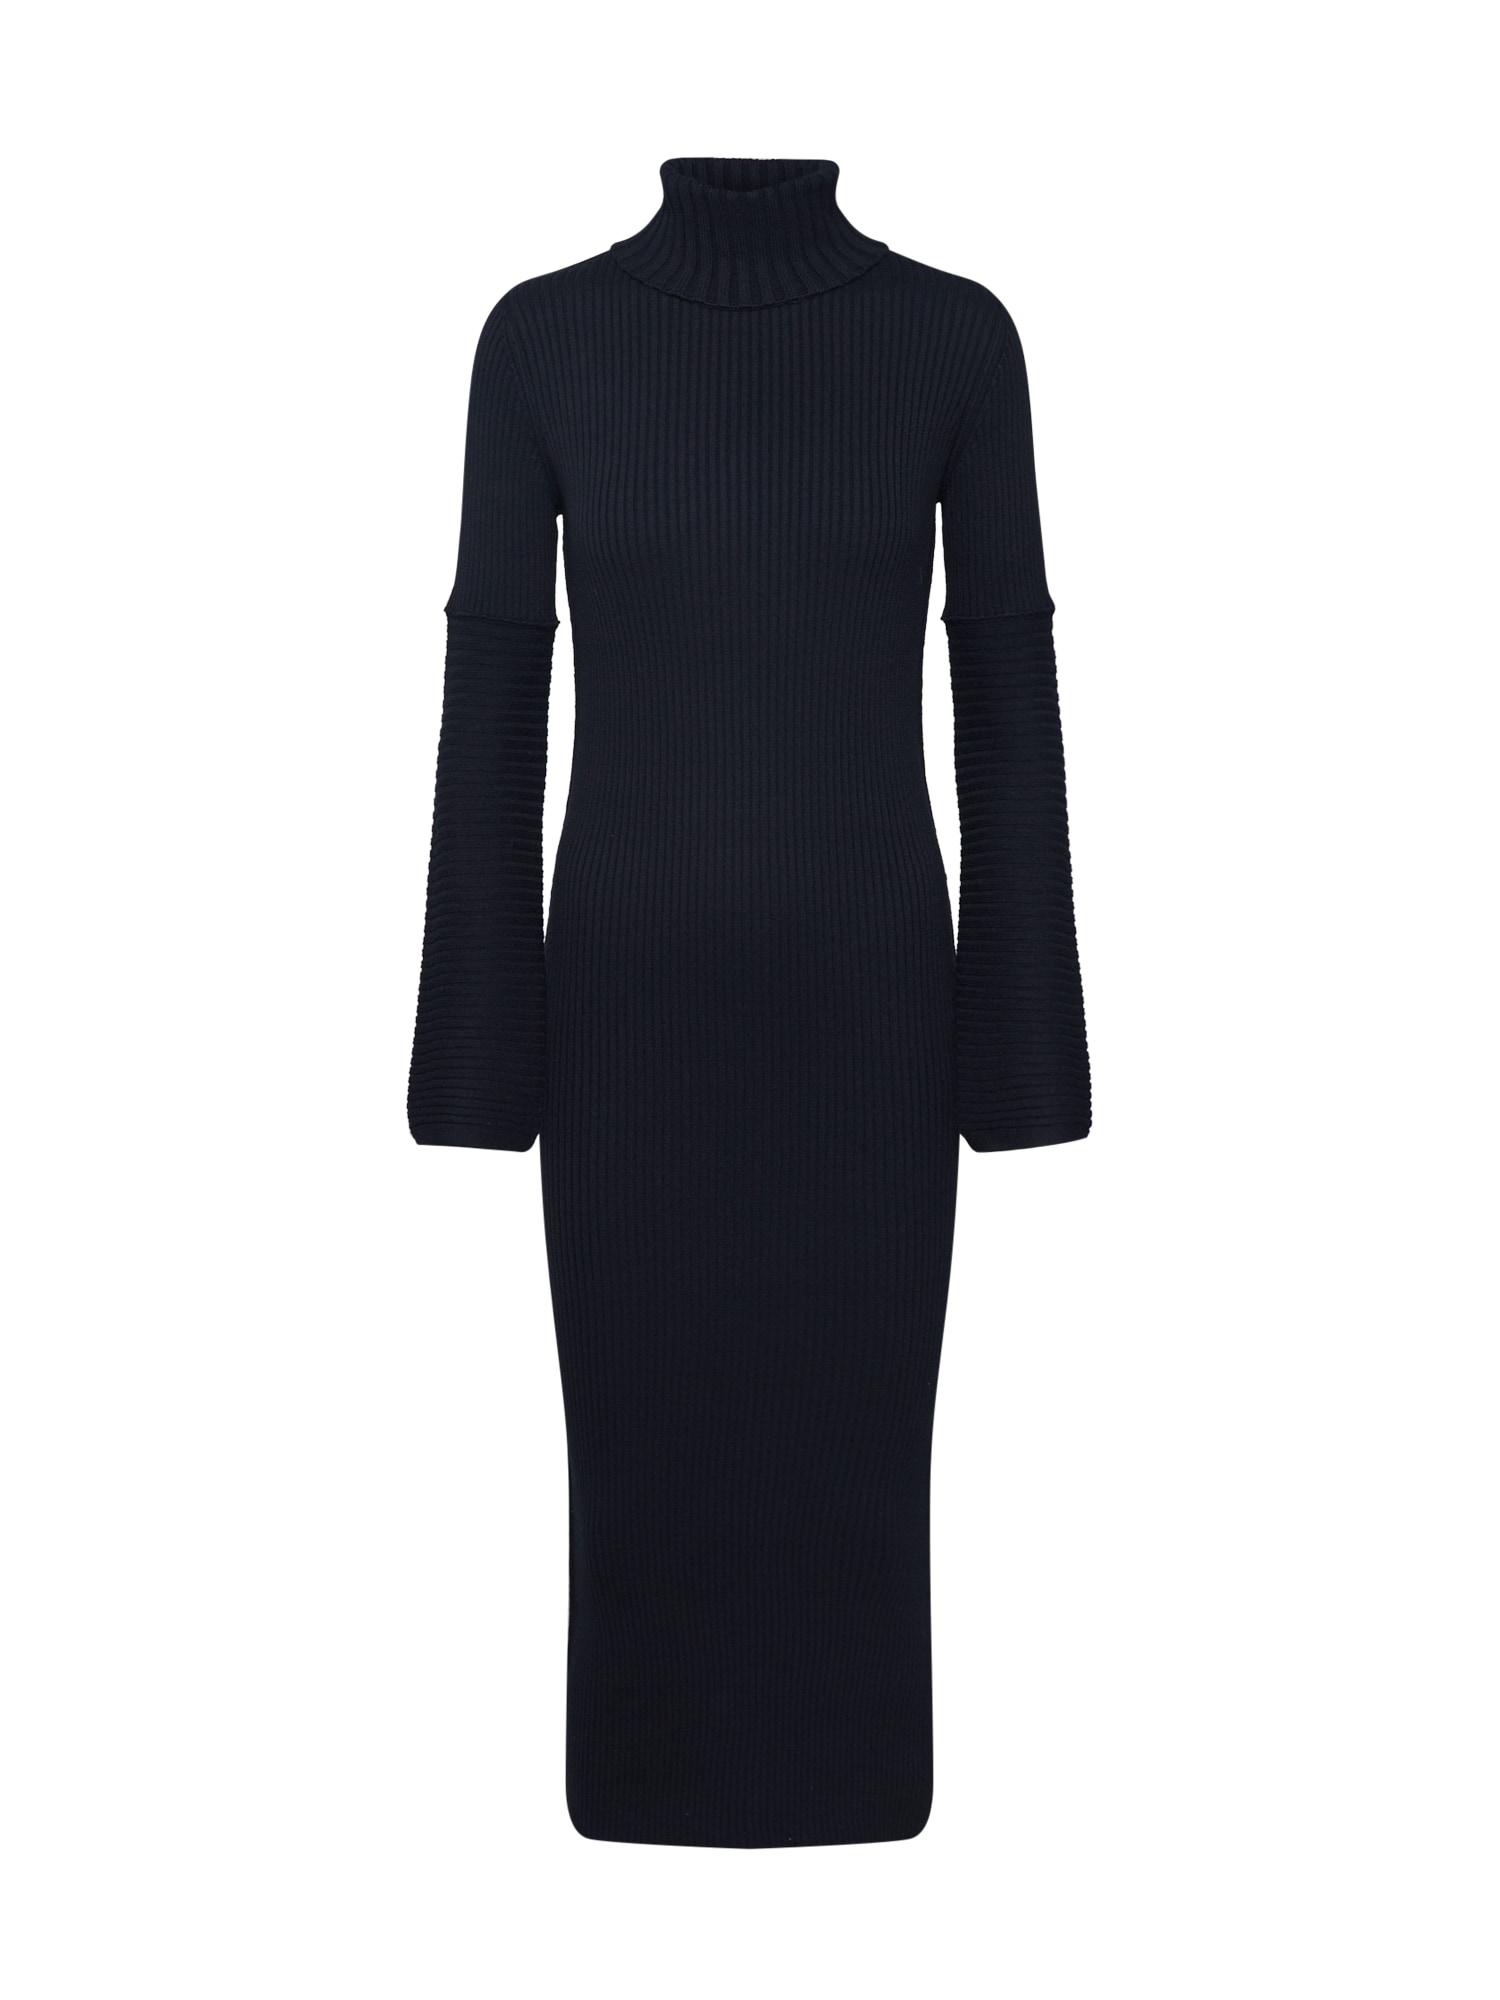 BOSS Suknelė 'Ianna' juoda